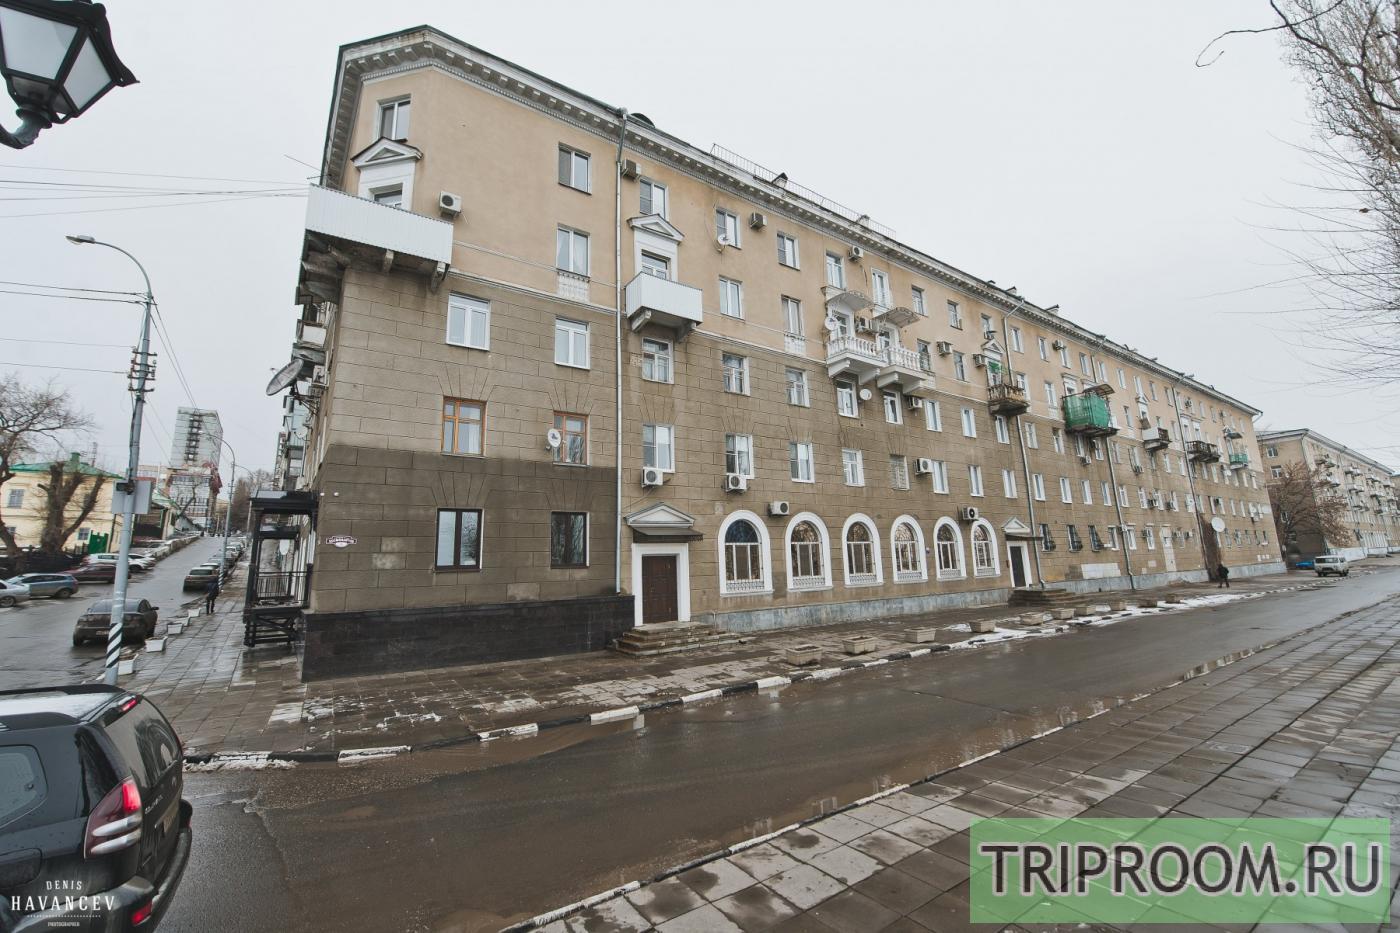 1-комнатная квартира посуточно (вариант № 14829), ул. Космонавтов набережная, фото № 15